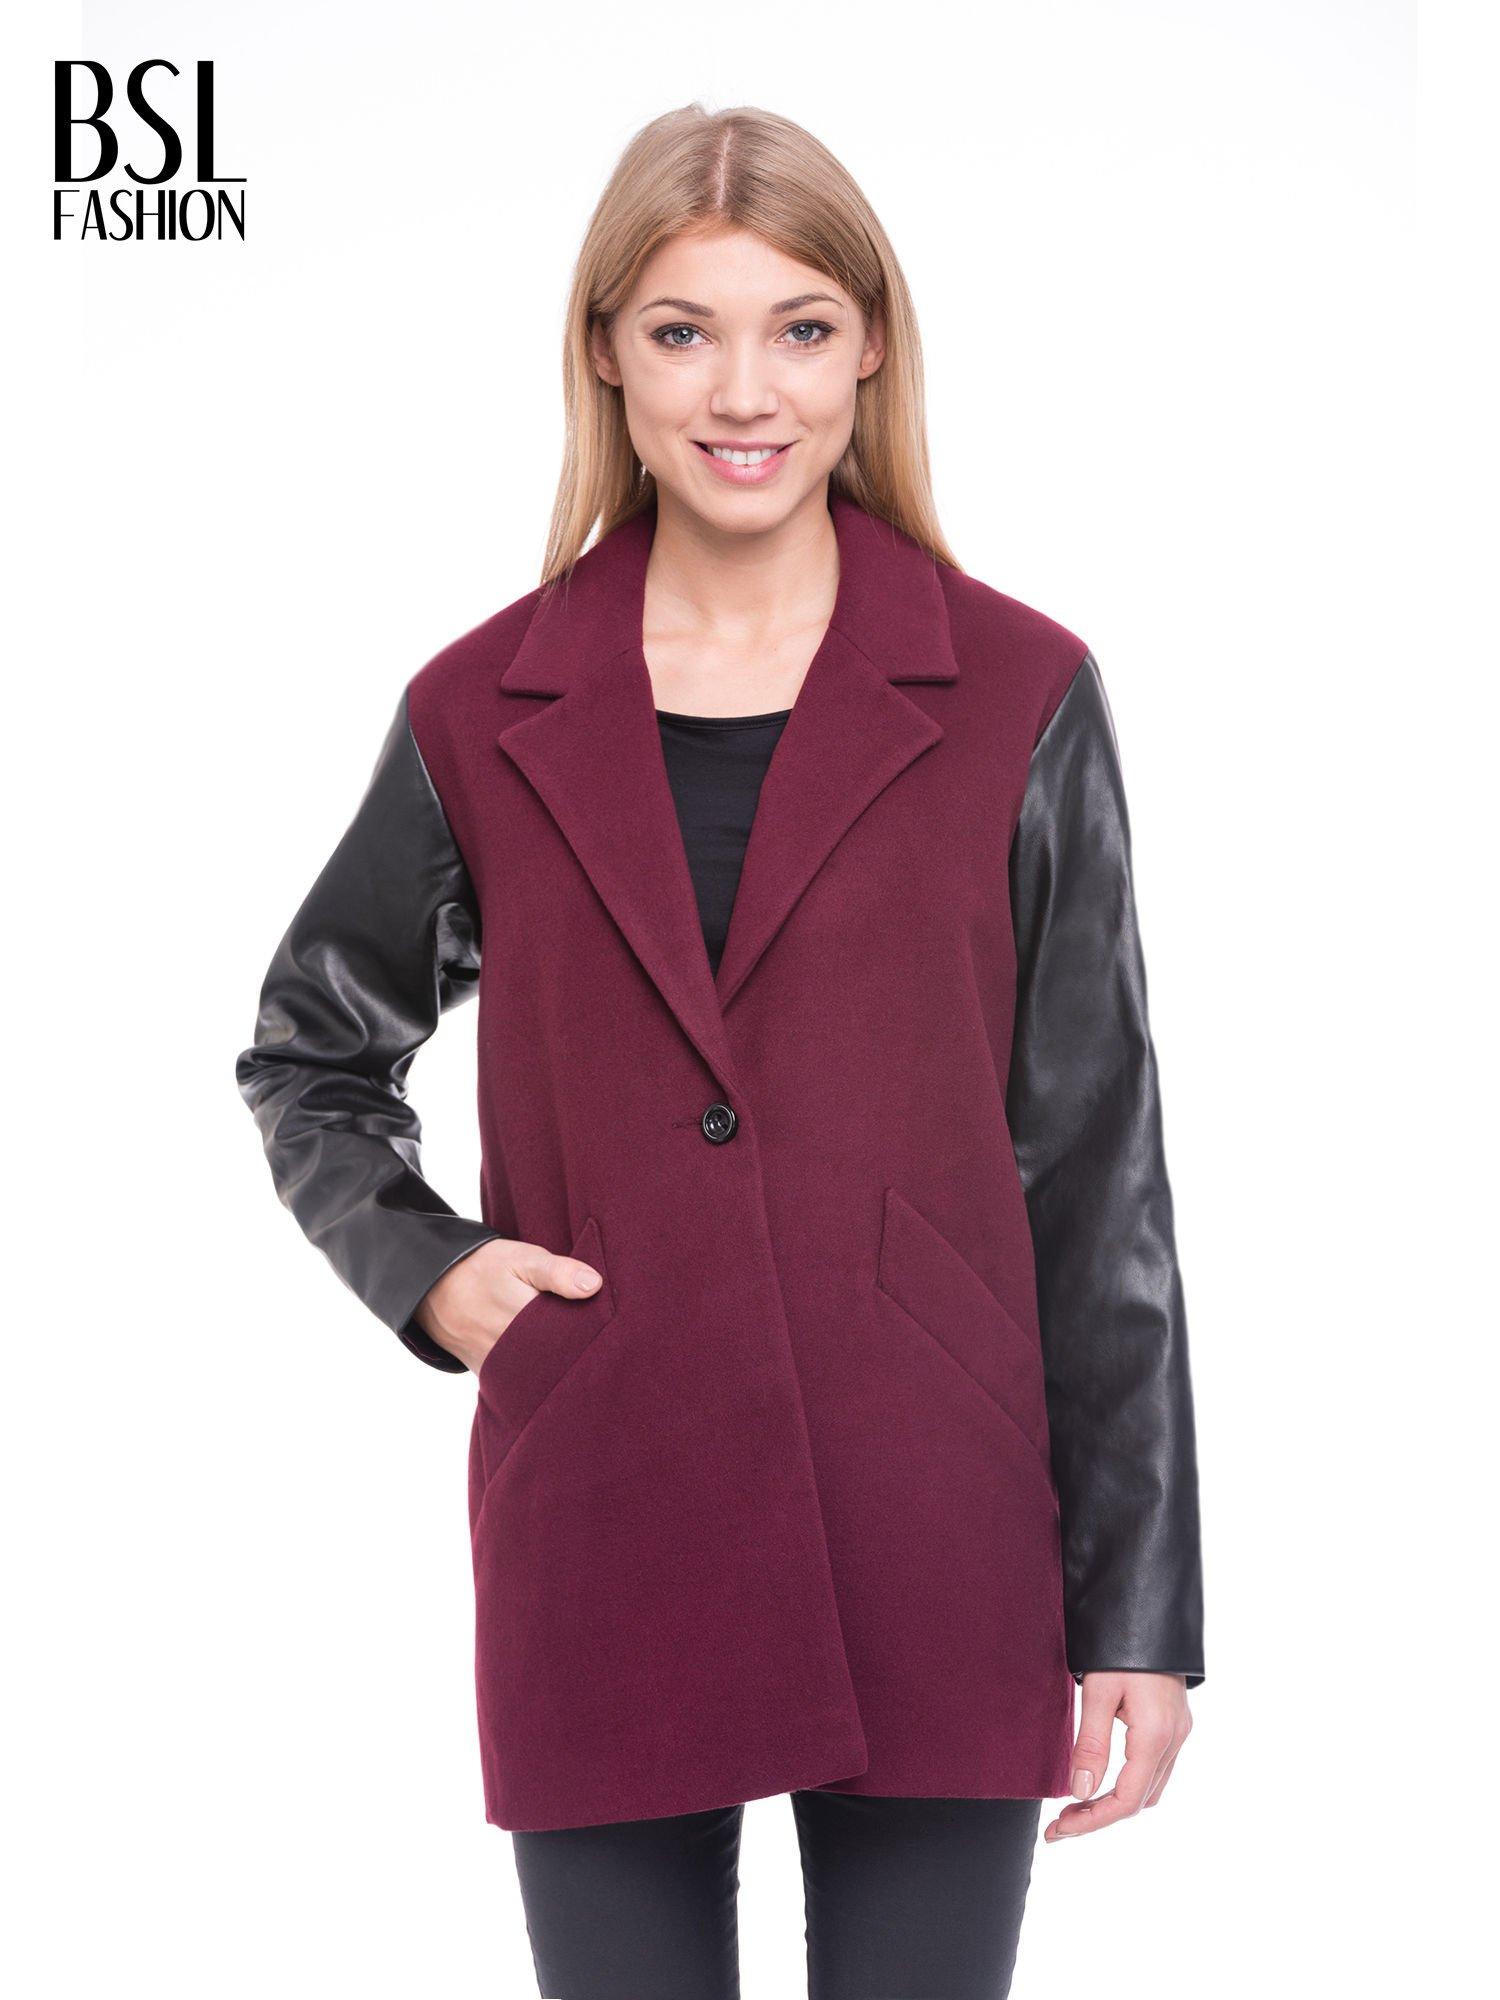 Bordowy płaszcz jednorzędowy ze skórzanymi rękawami                                  zdj.                                  1